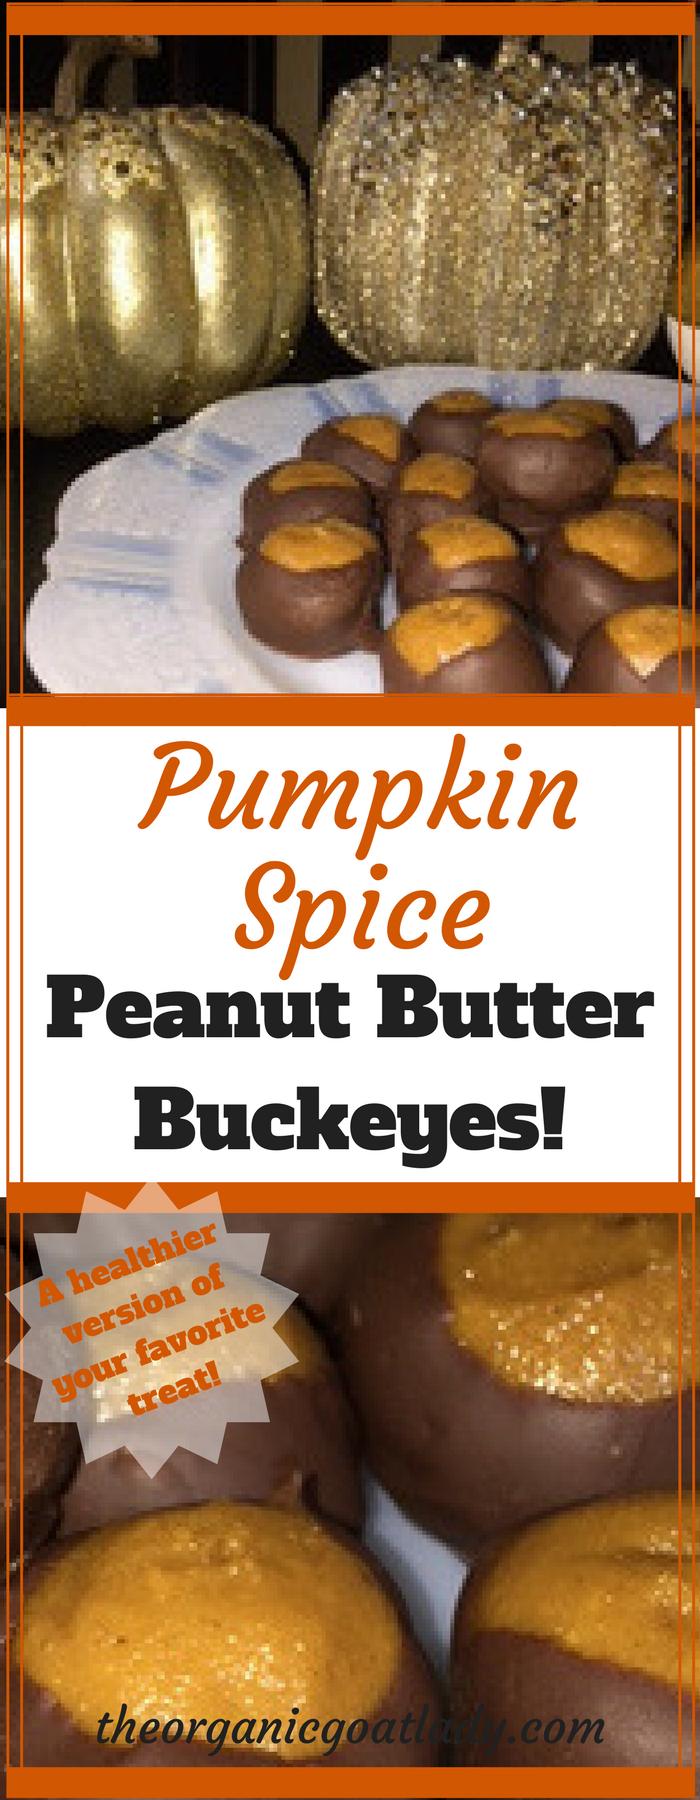 Pumpkin Spice Peanut Butter Buckeyes!